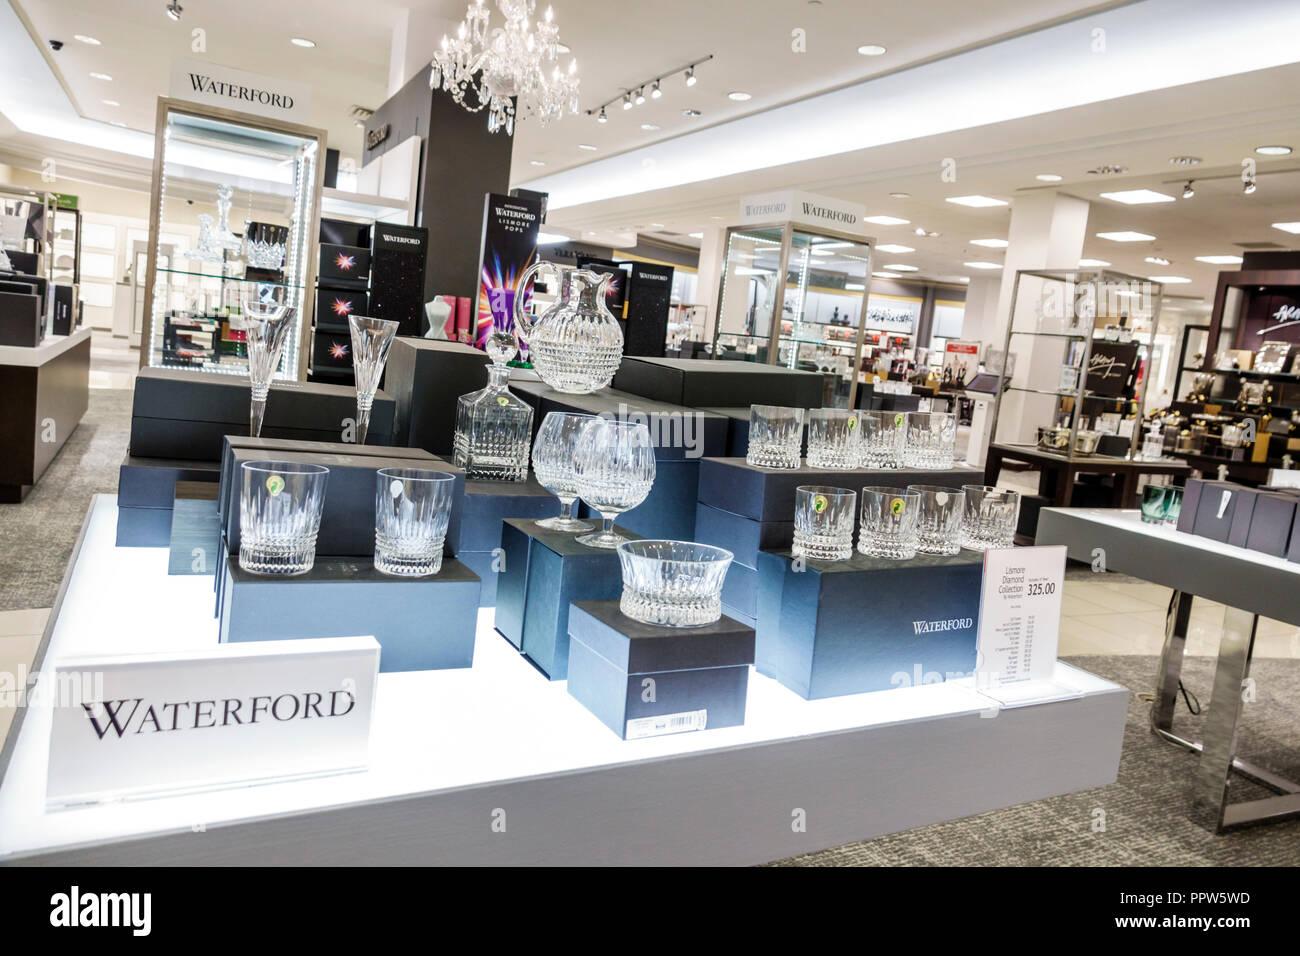 ef646c5659 Floride Miami Dadeland Mall Kendall shopping du grand magasin Macy's à l' intérieur de la vente d'affichage en verre de cristal de Waterford